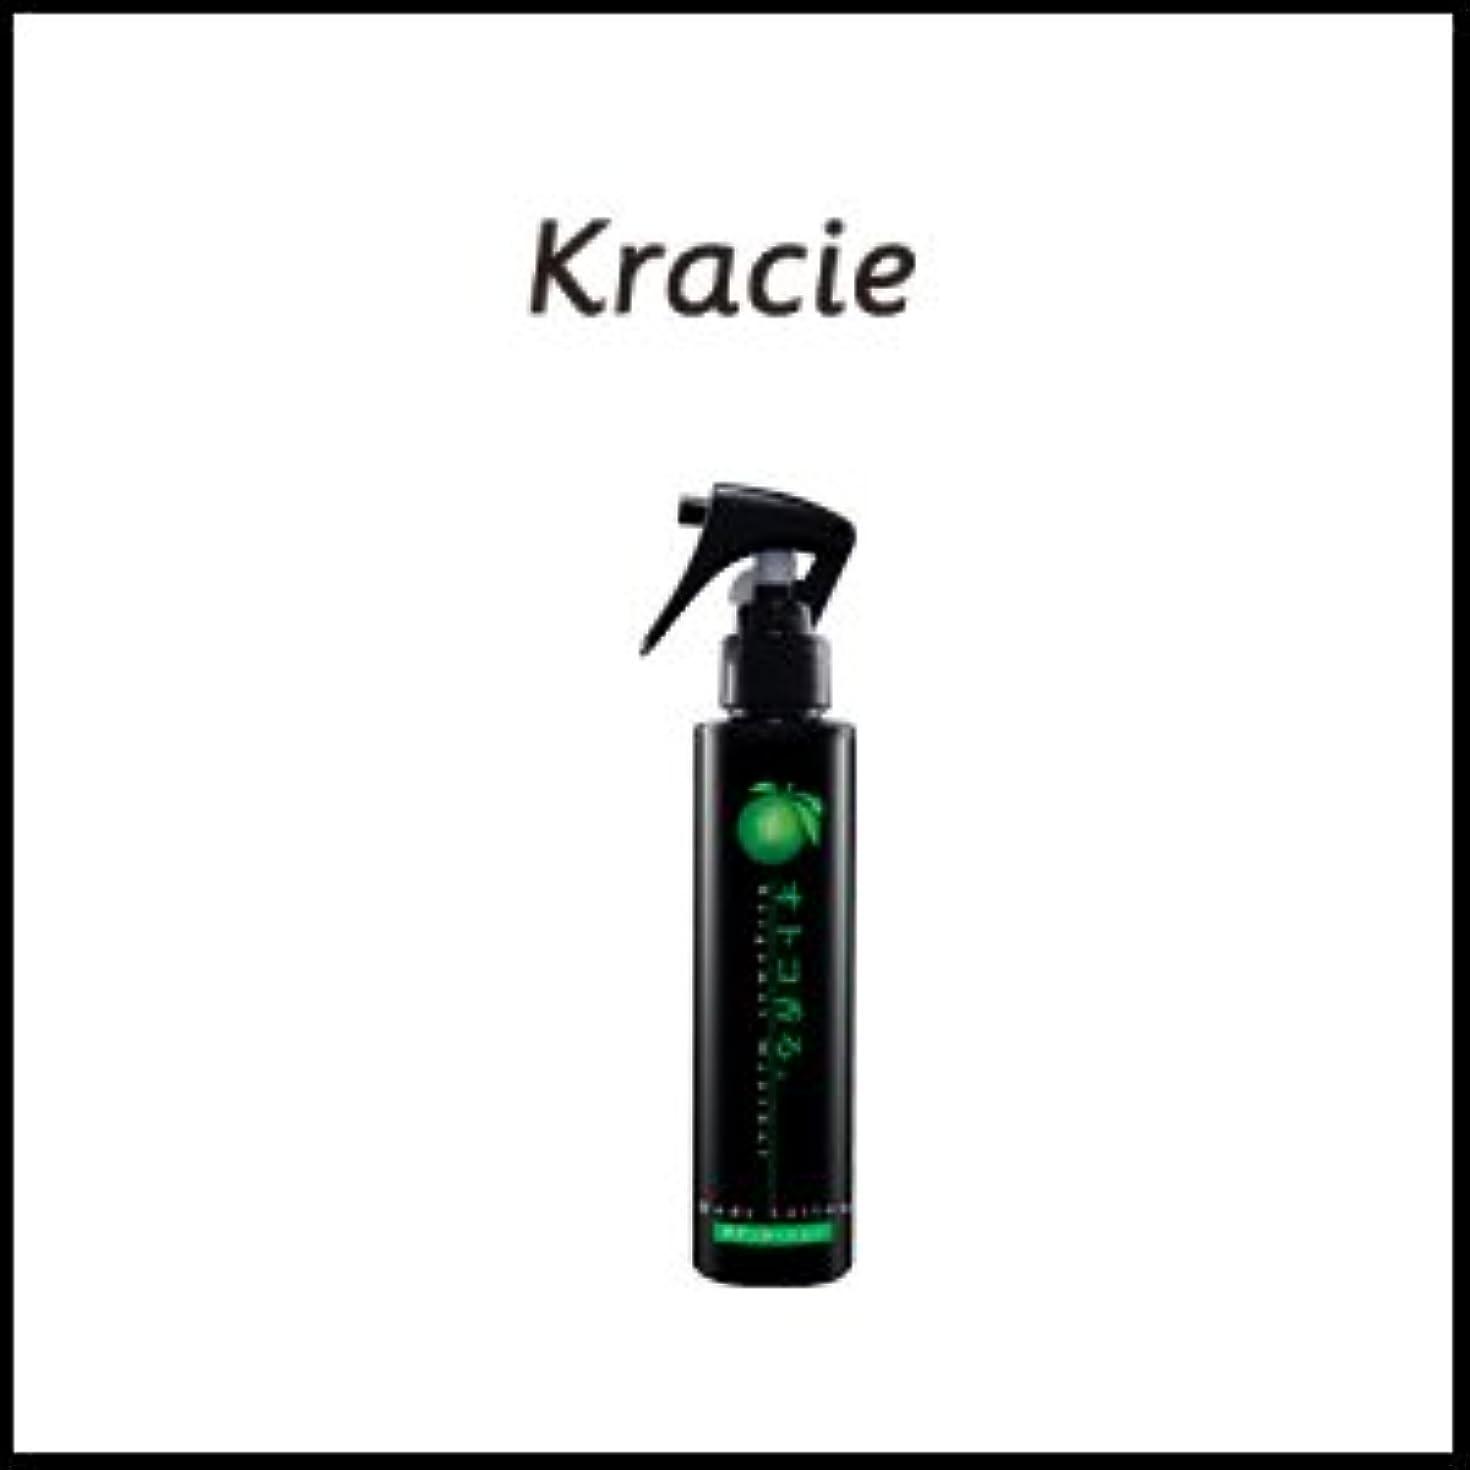 ビン有害なレッスン【X3個セット】 クラシエ オトコ香る ボディローション(ベルガモット) 150 容器入り